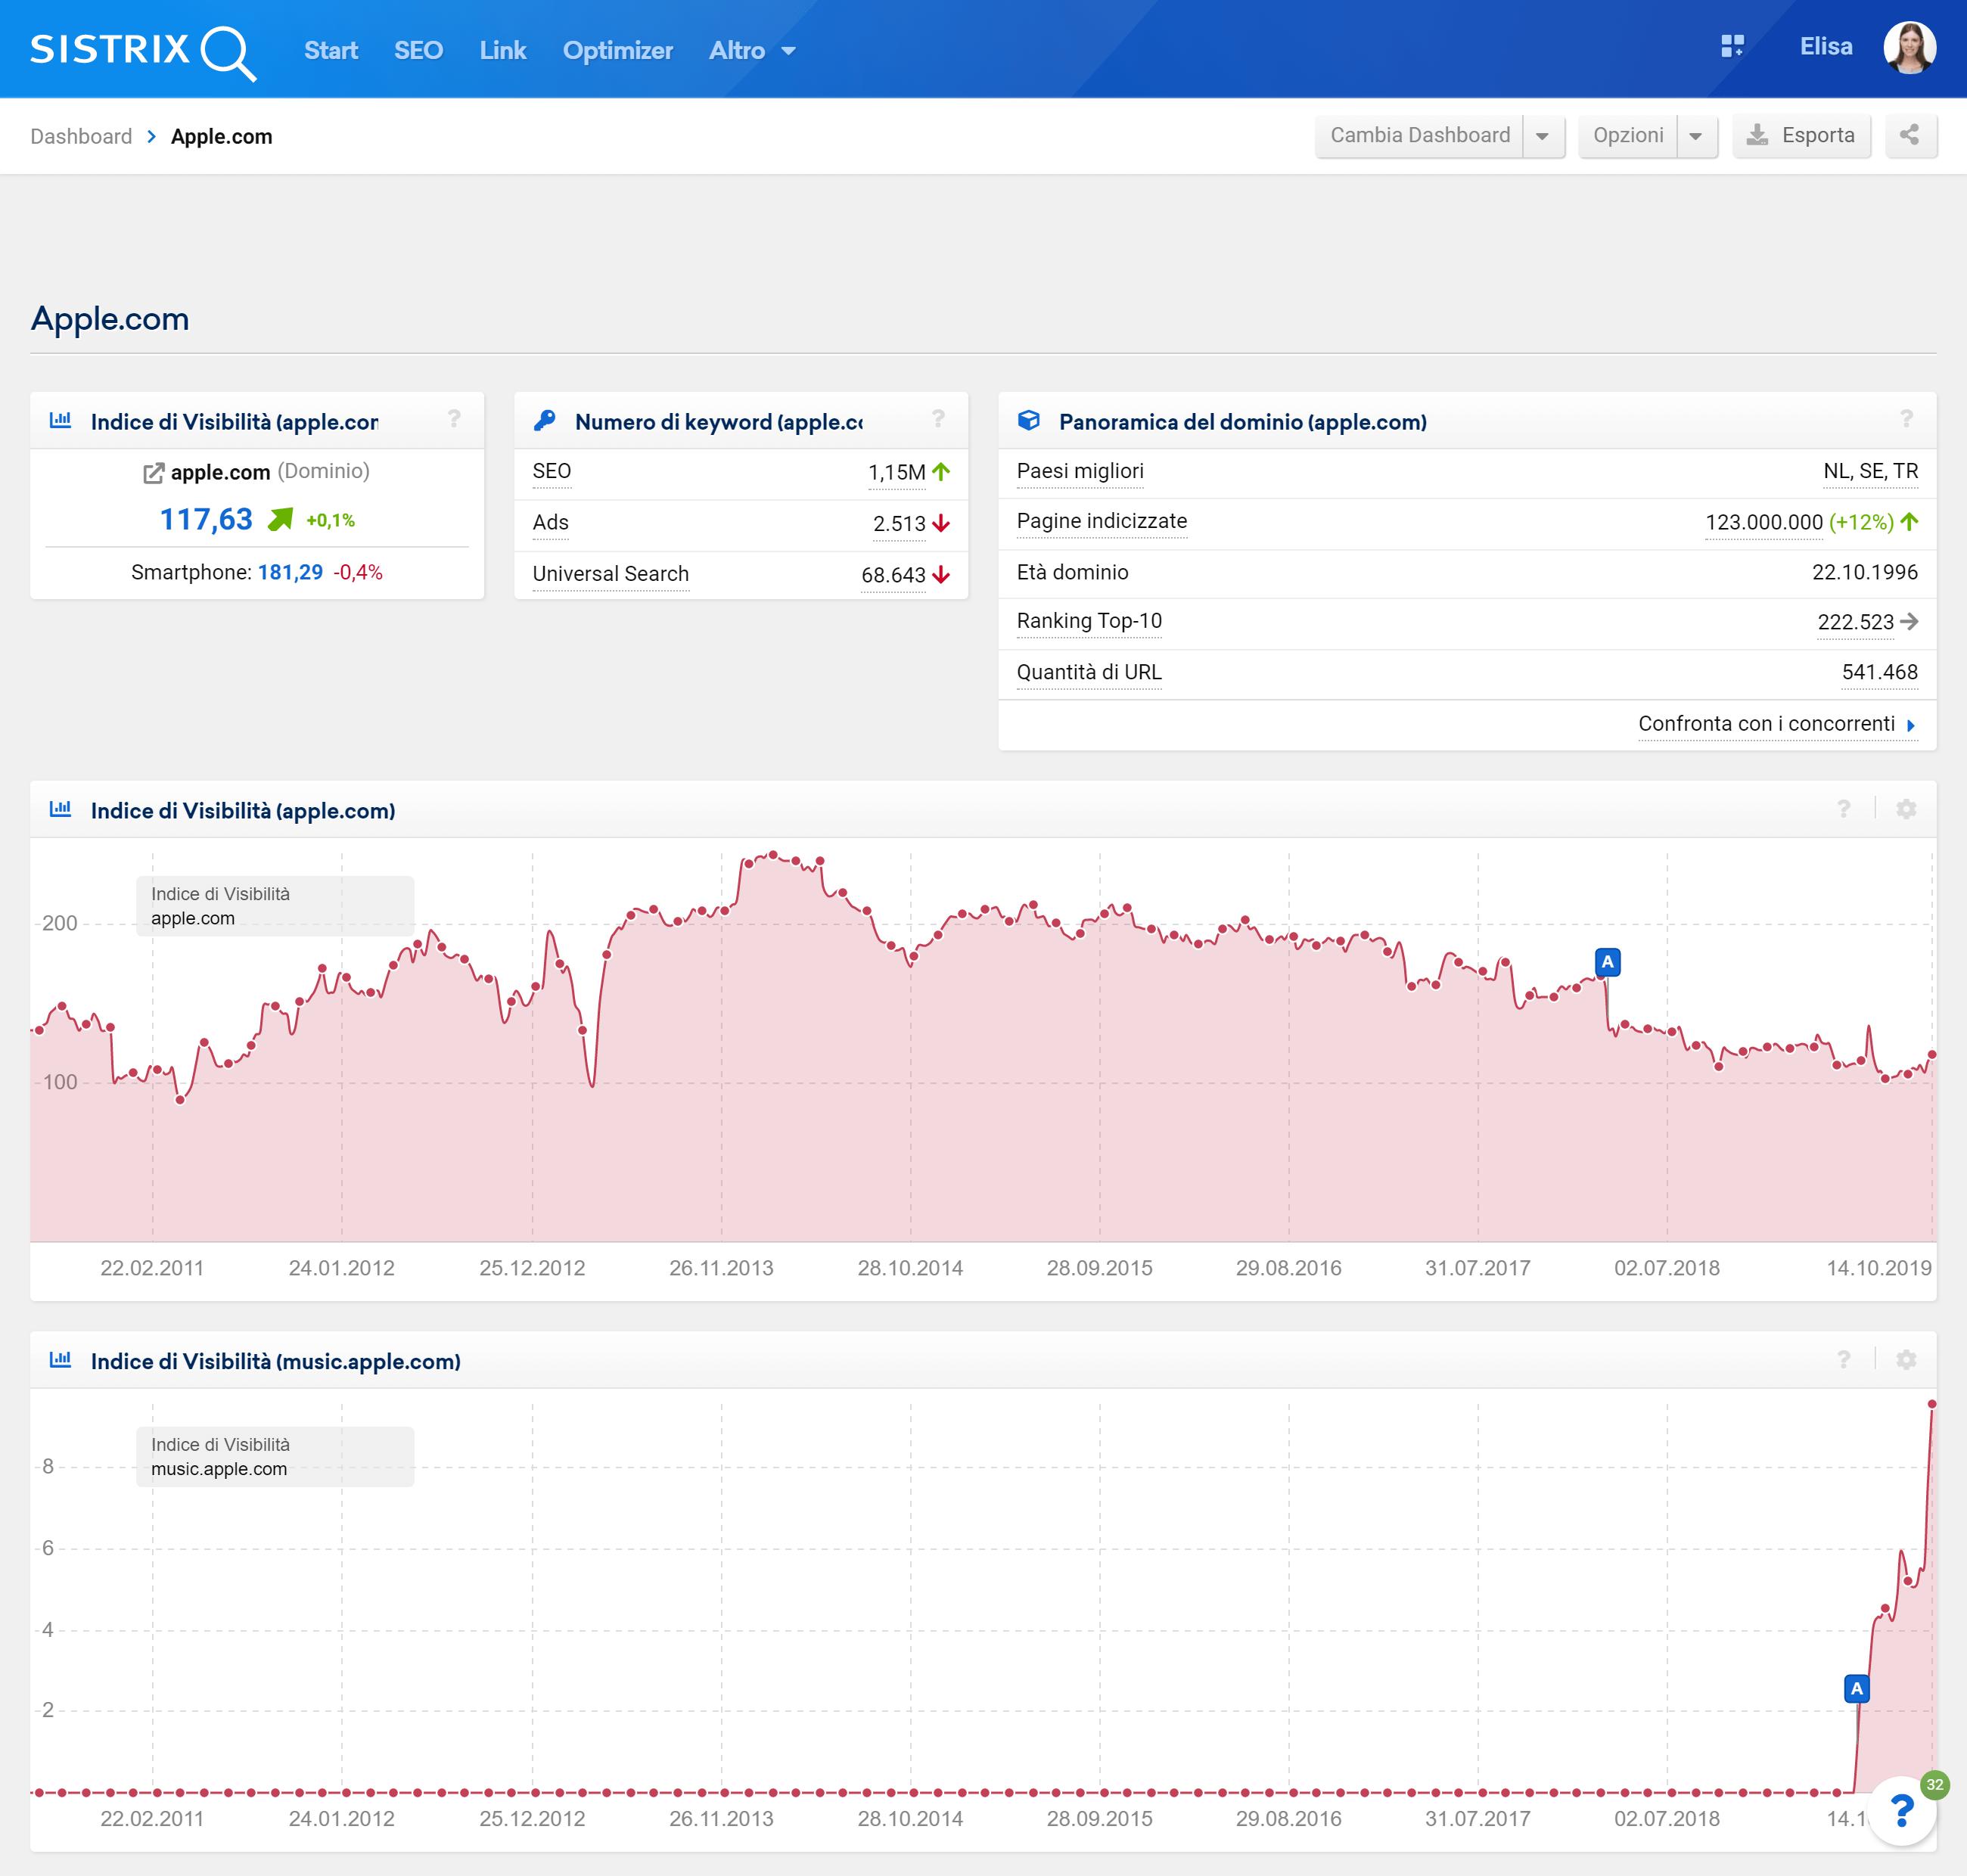 Esempio di Dashboard nel Toolbox SISTRIX